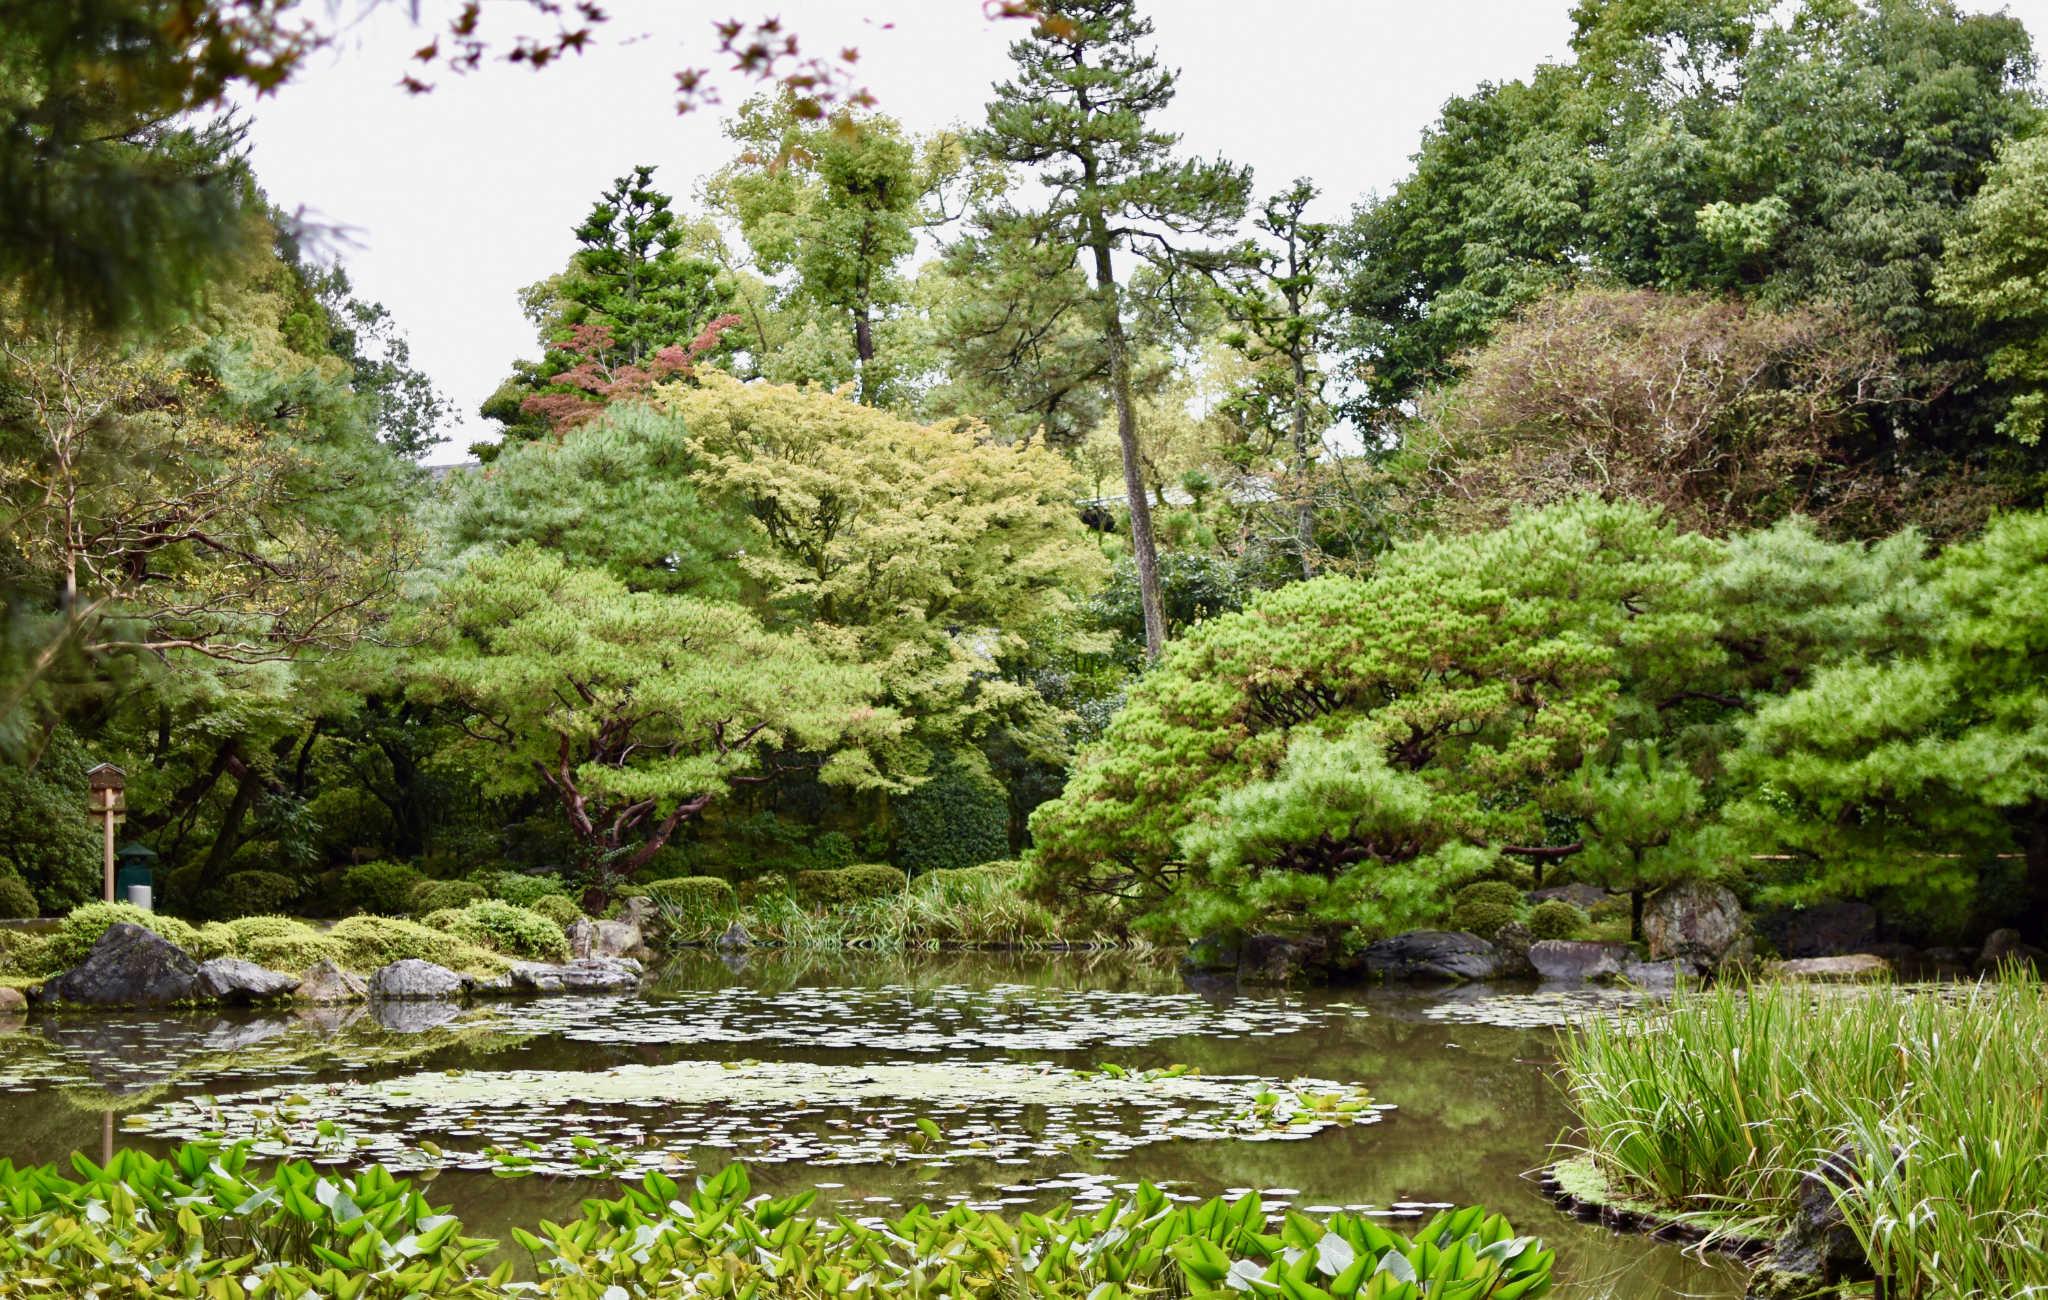 Un premier lac, bordé de pins et de nombreux autres arbres